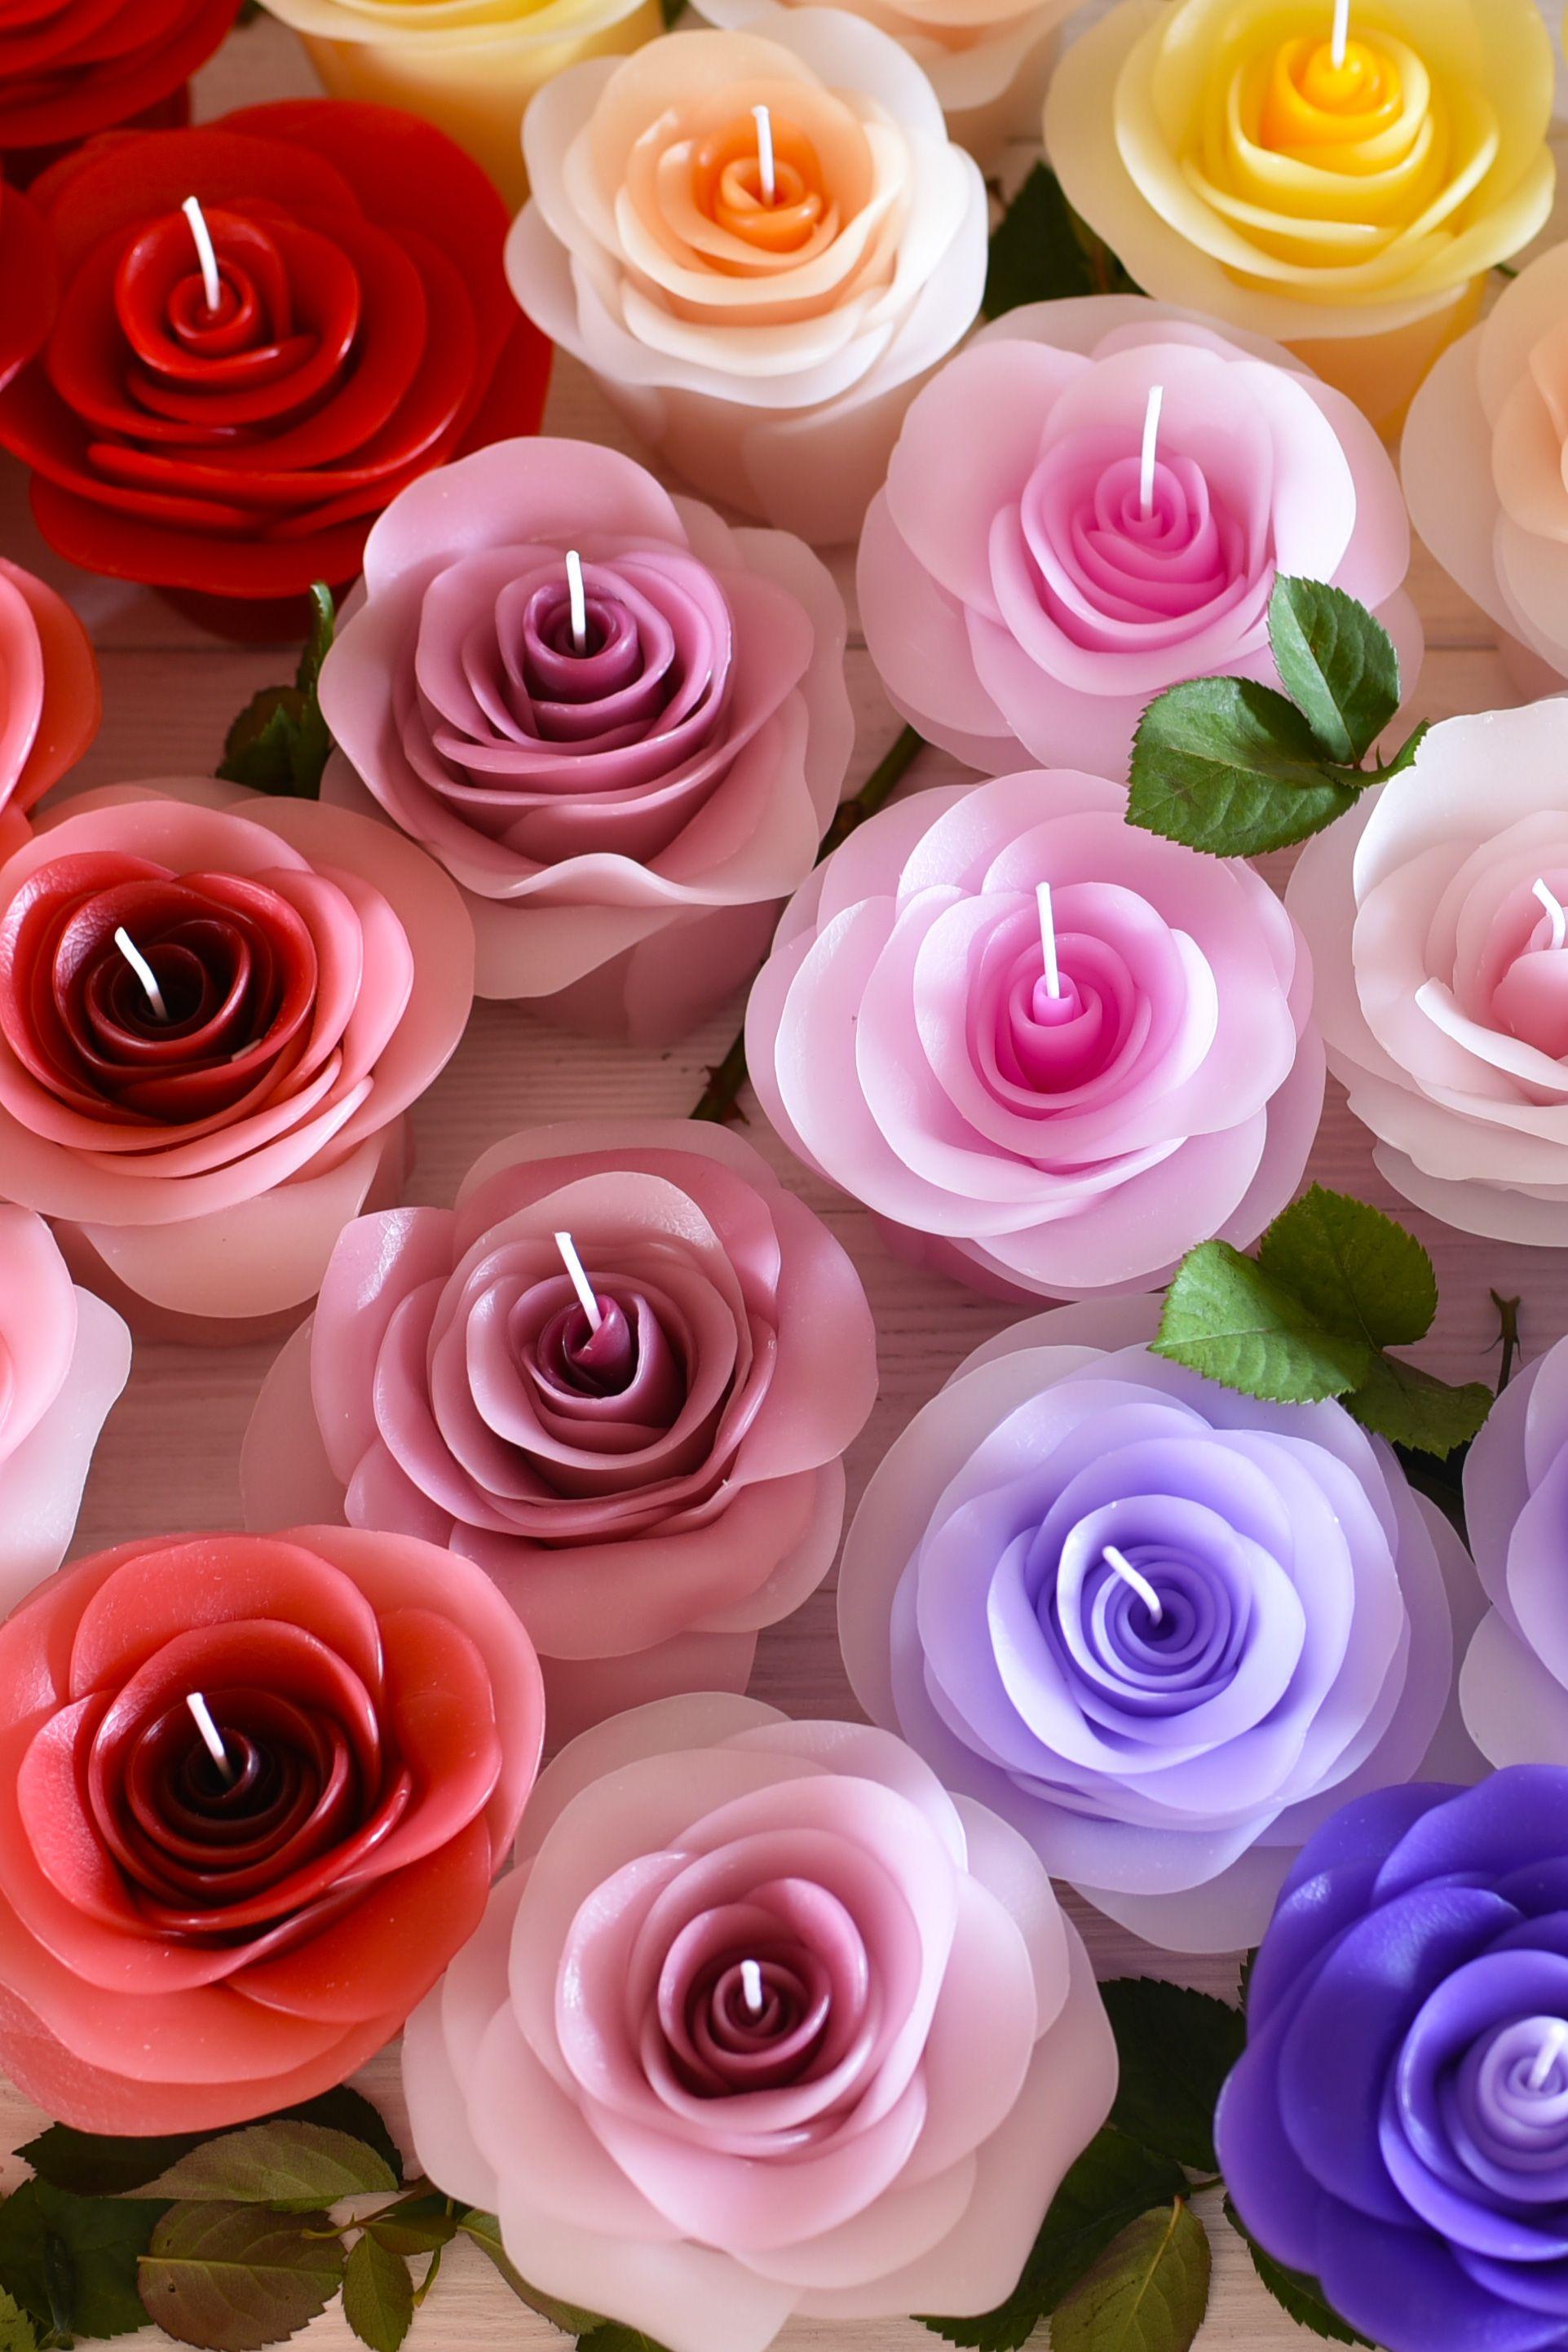 Eine Kerze In Form Einer Rose Ist Ein Perfektes Geschenk Fur Deine